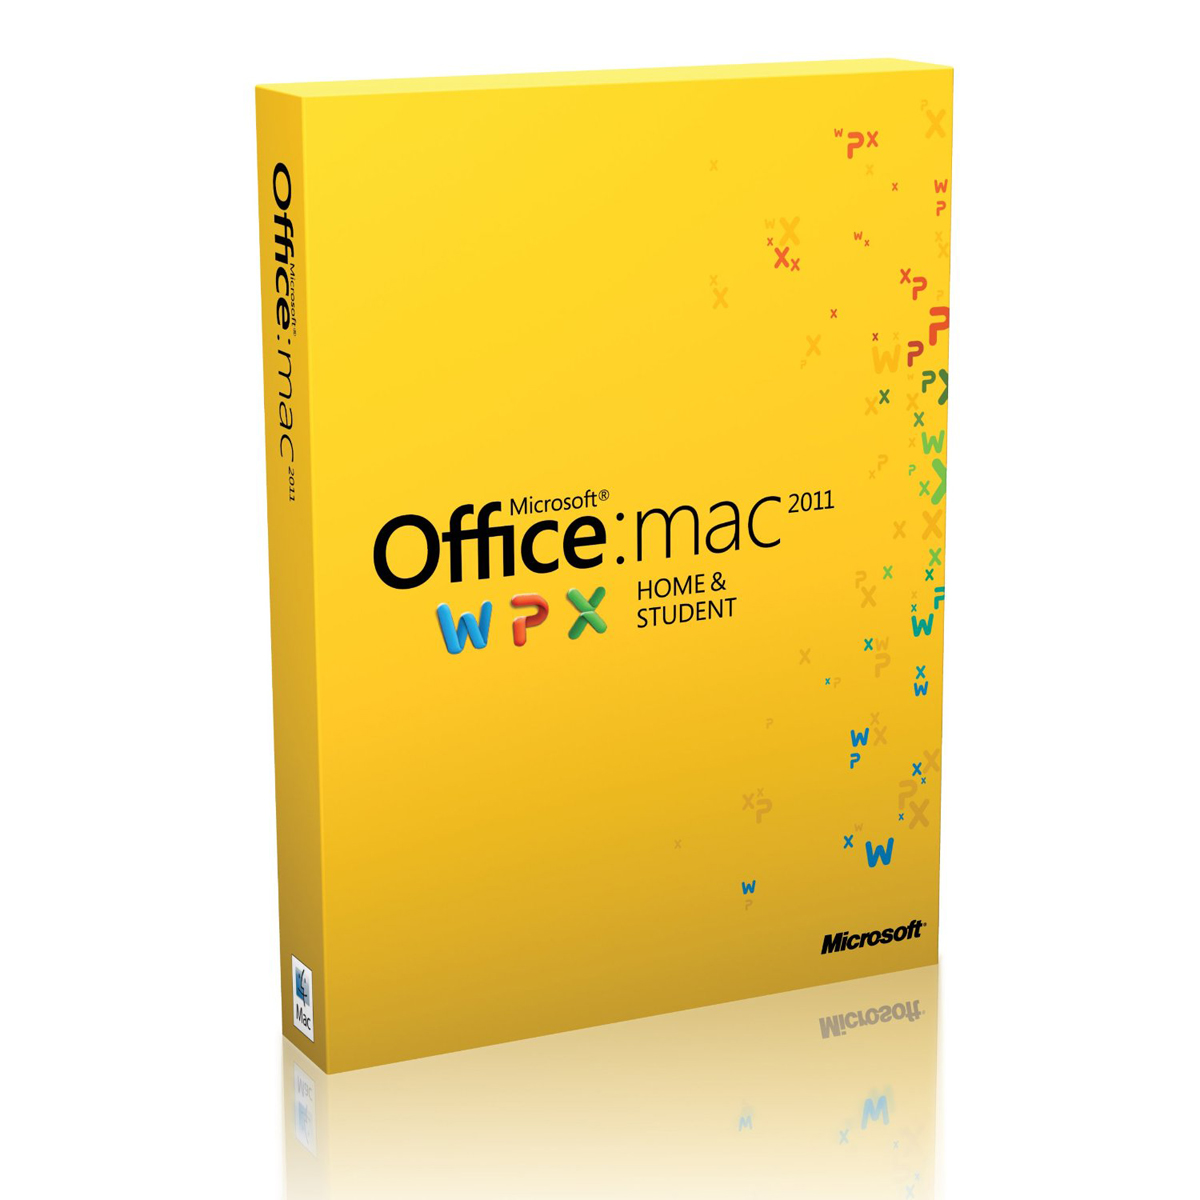 Microsoft Office pour Mac Famille et Étudiant 2011 - 3 postes